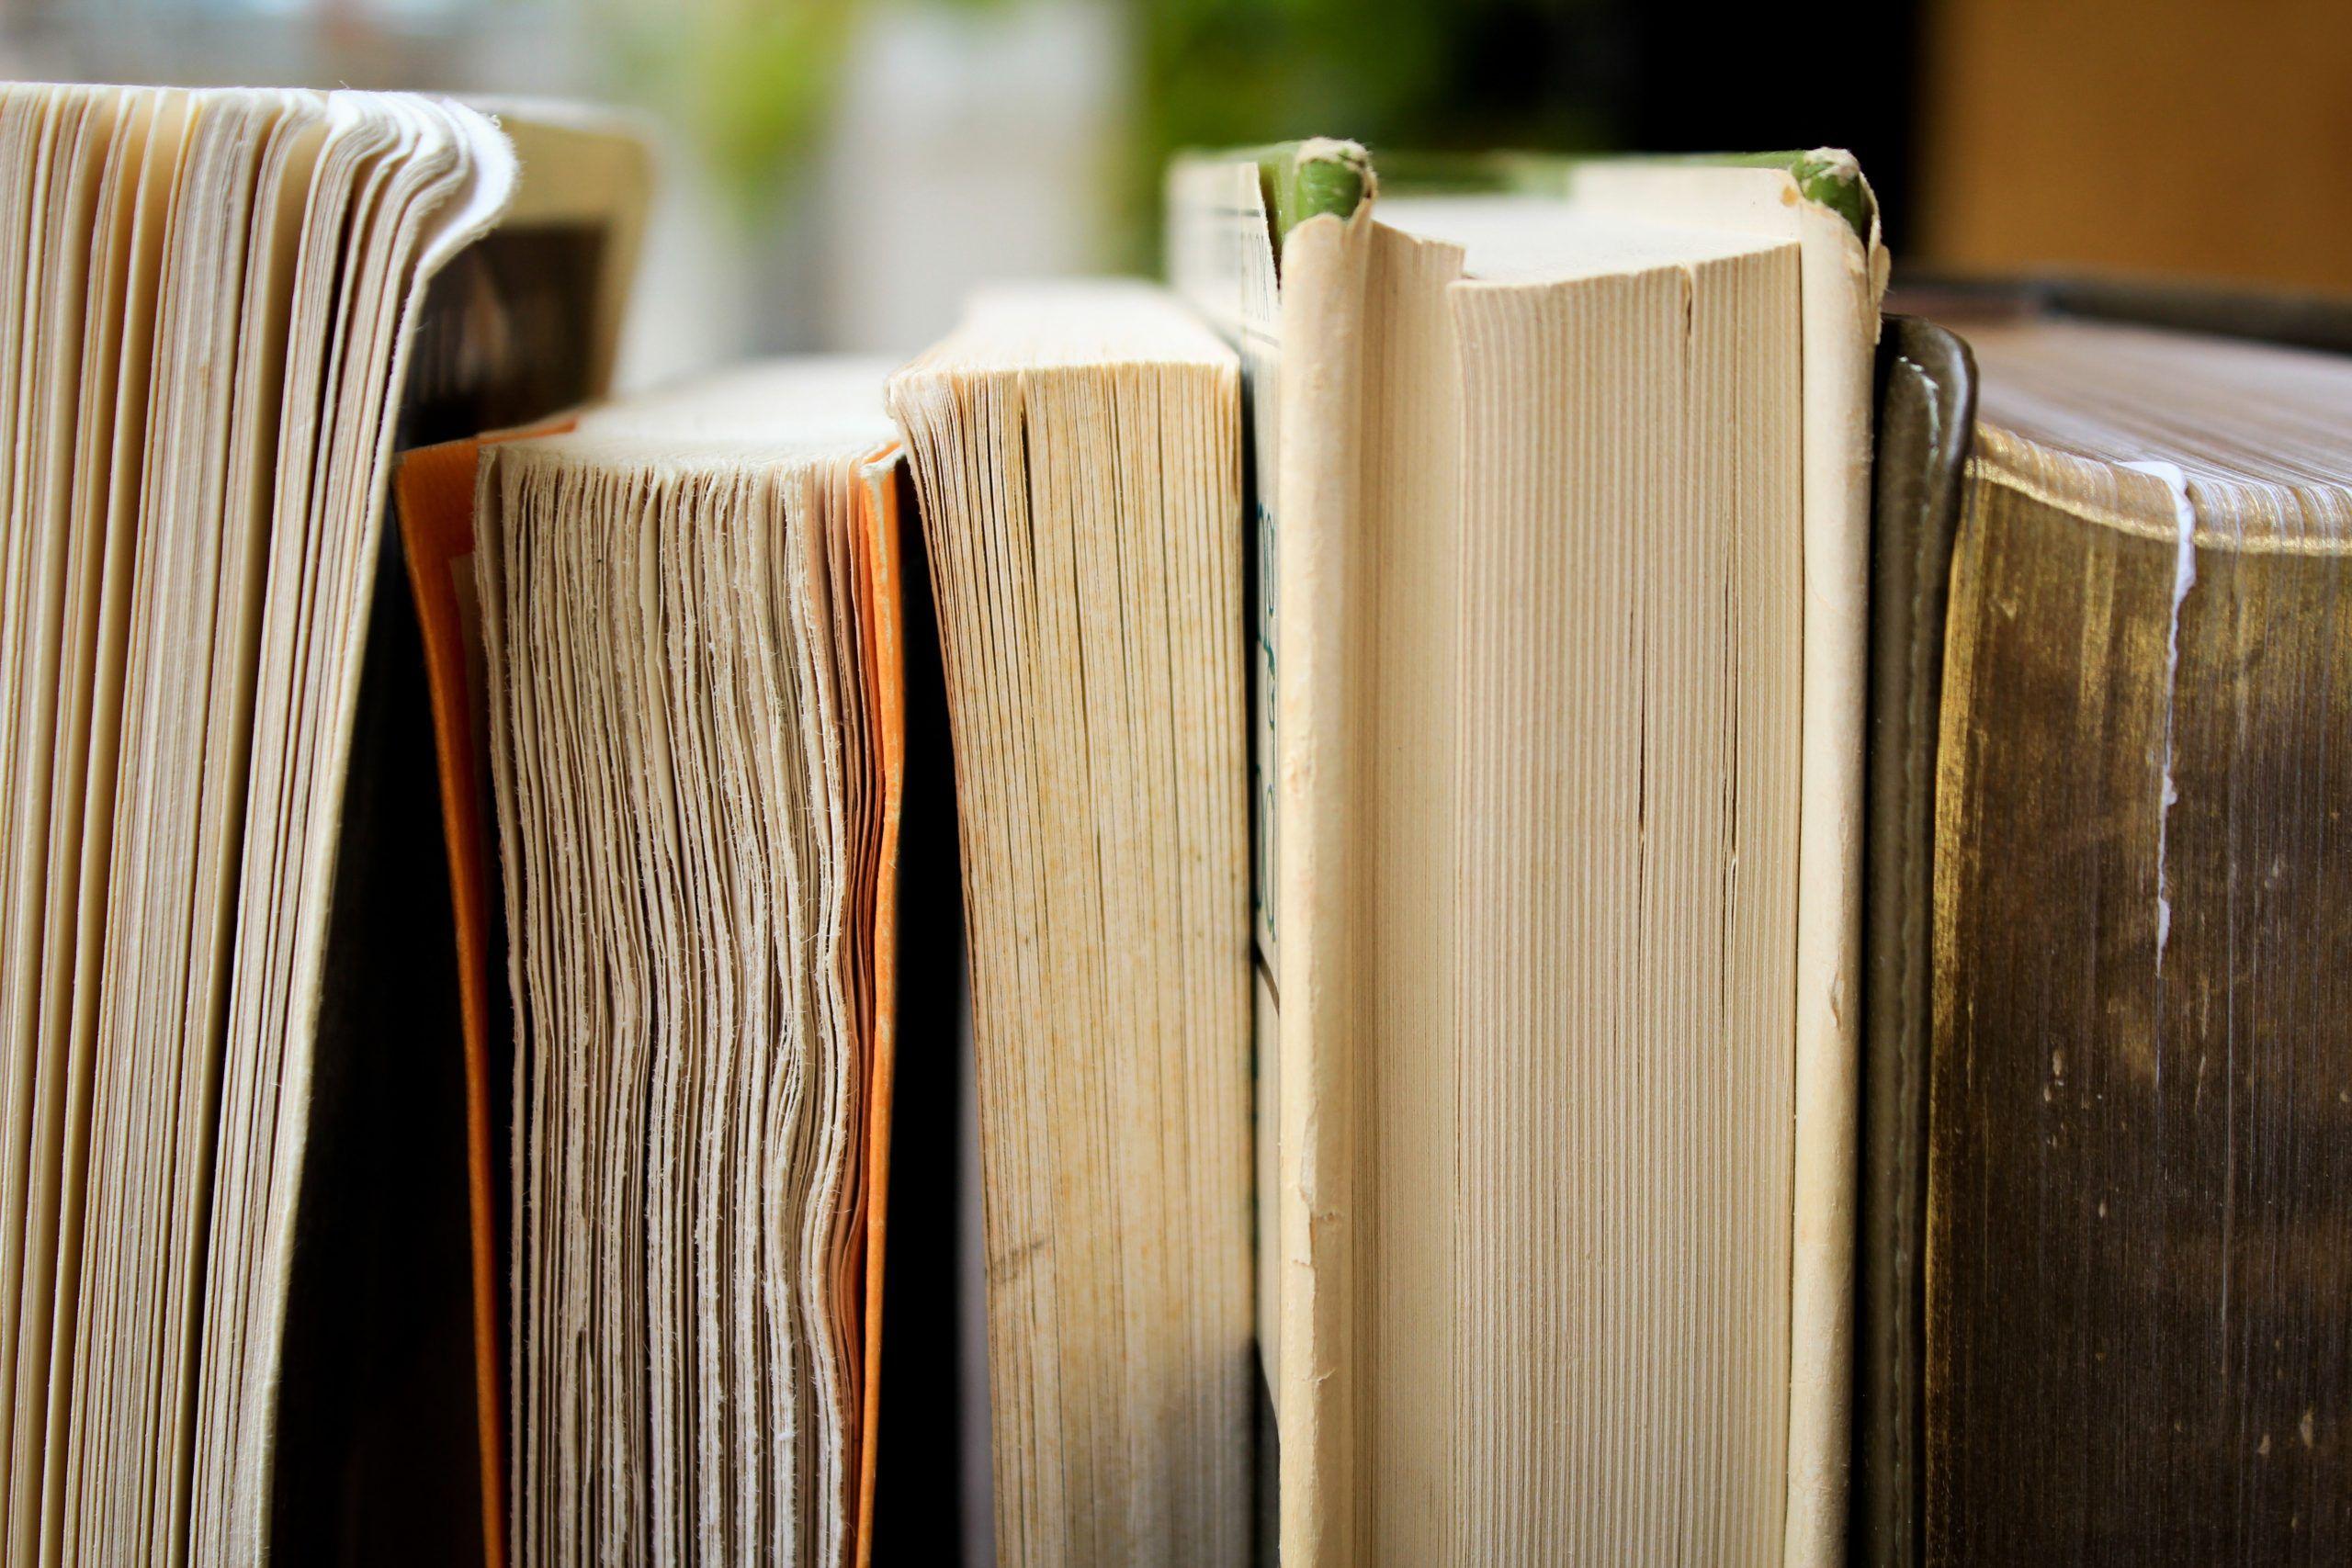 Antígona e Orfeu Negro juntam-se novamente para apoiar 20 livrarias independentes